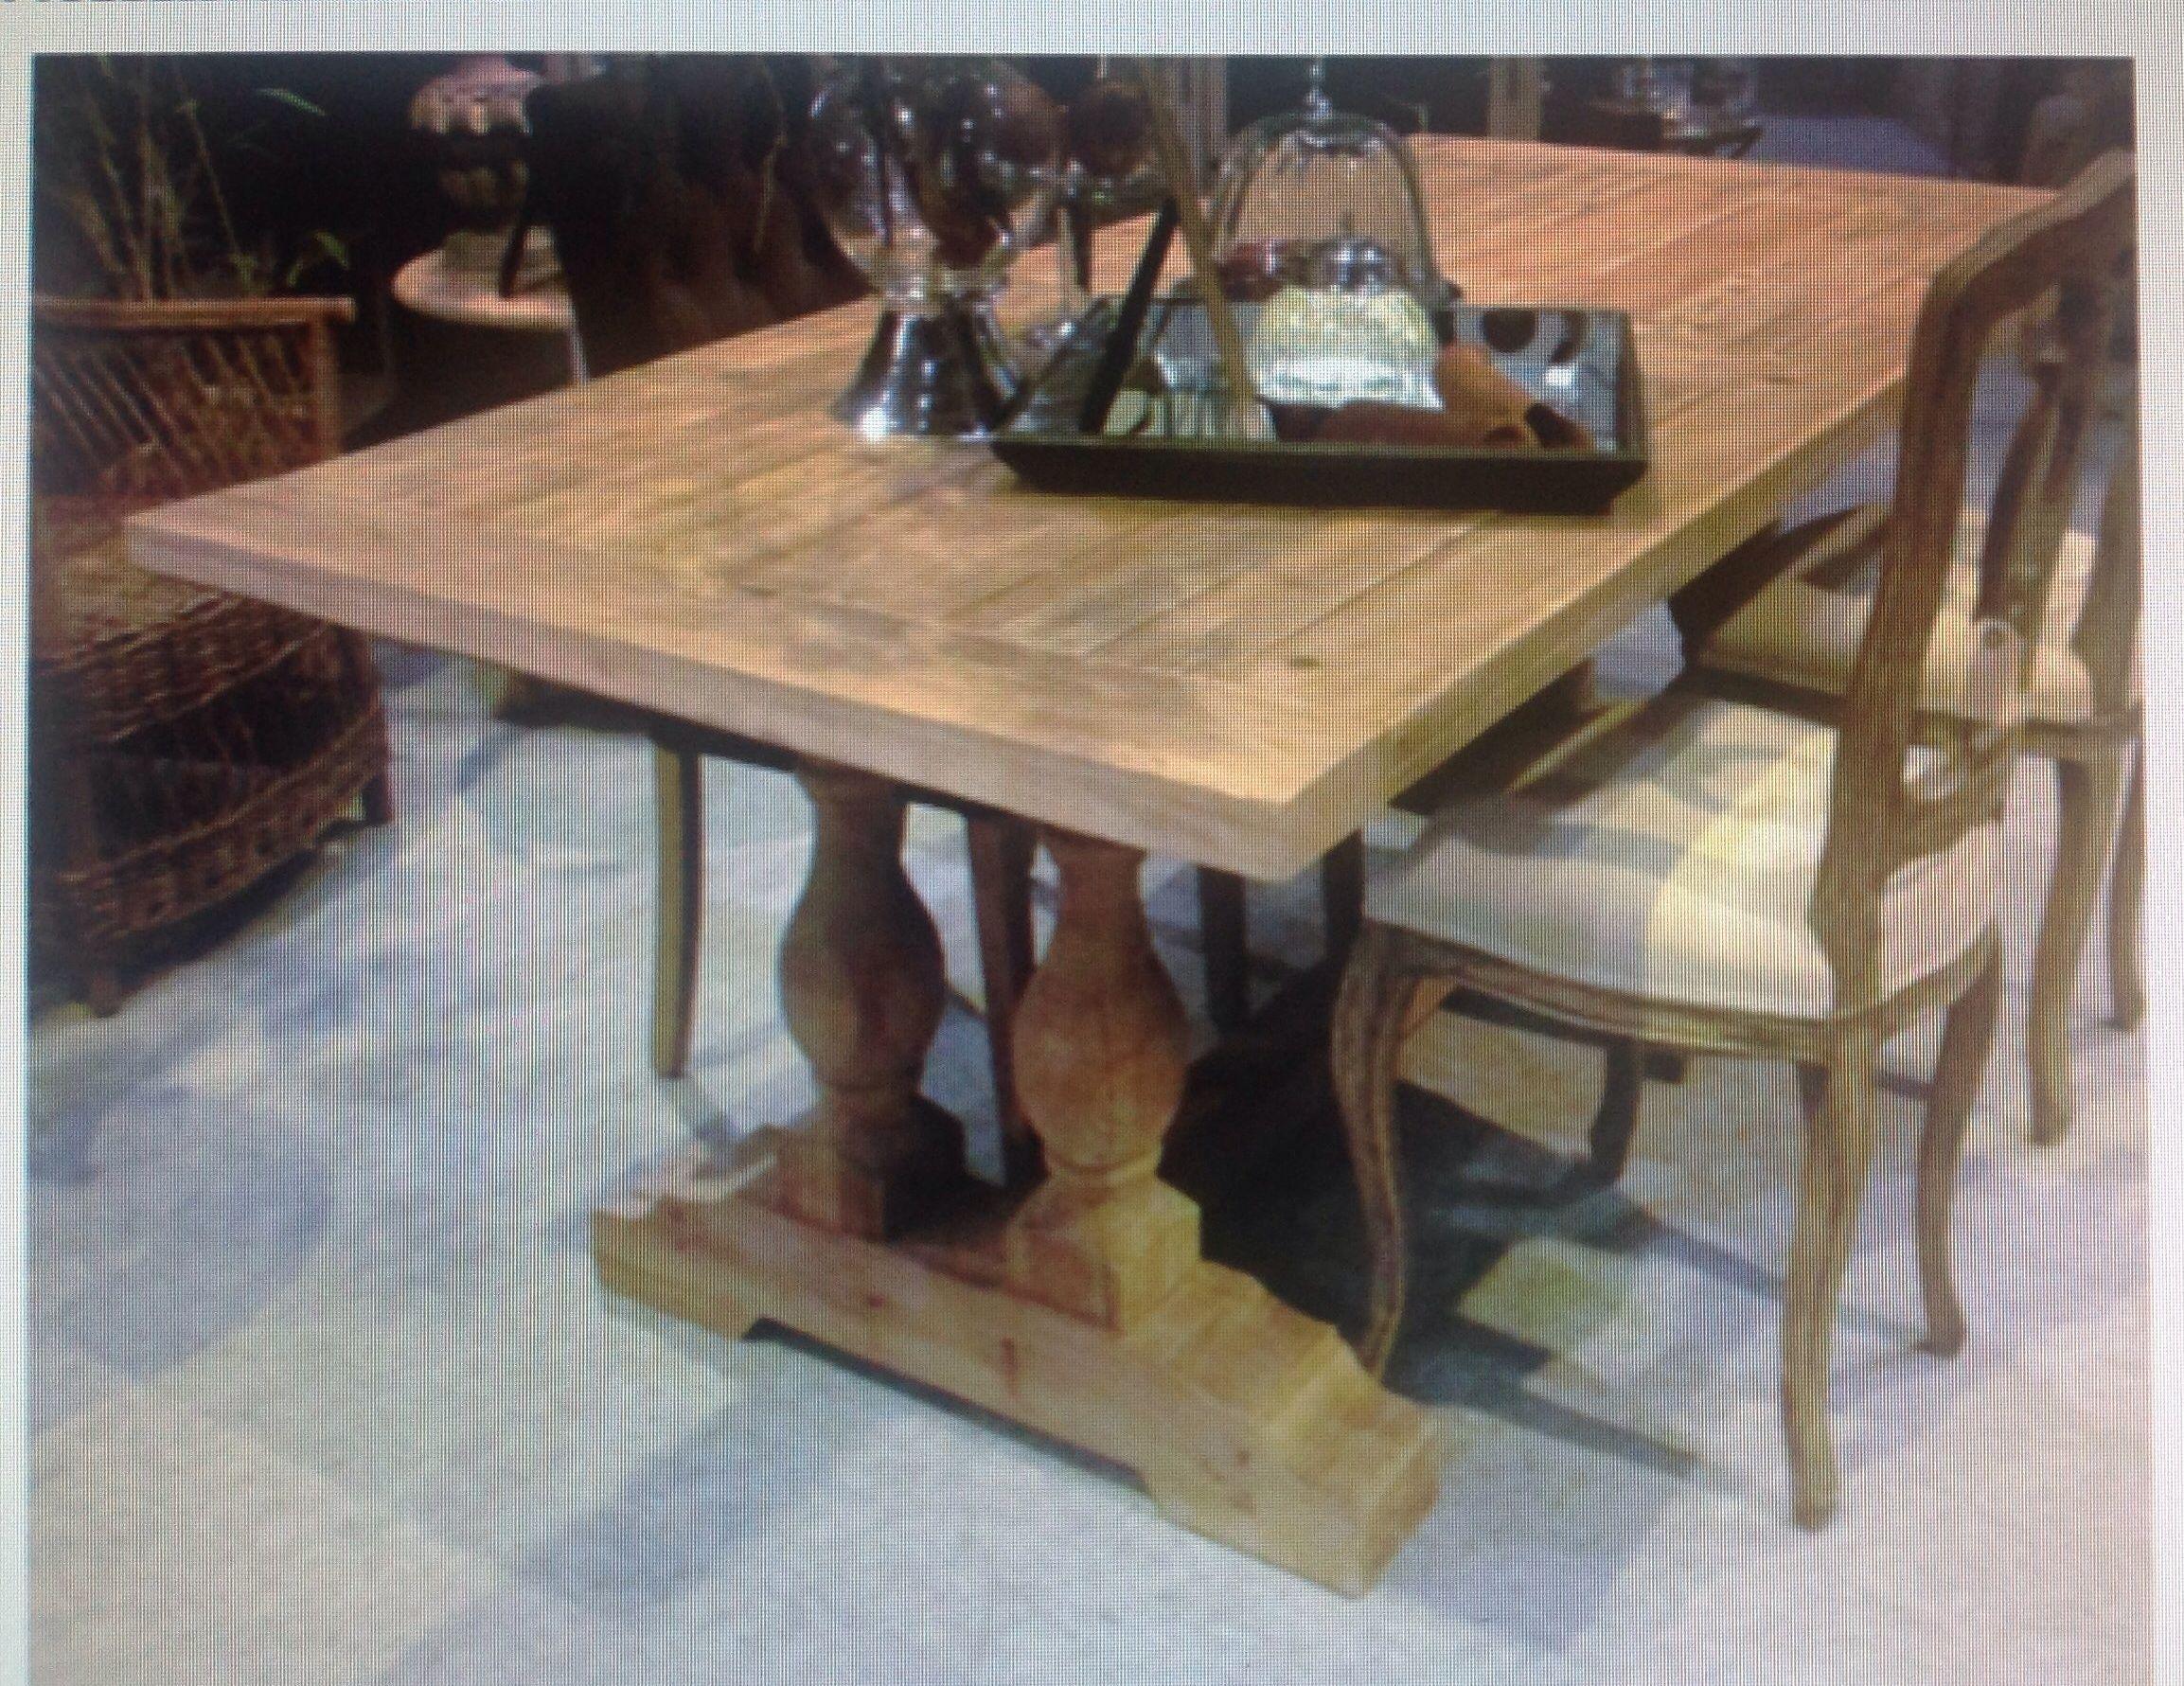 Mesa comedor madera natural : Catálogo de Ste Odile Decoración